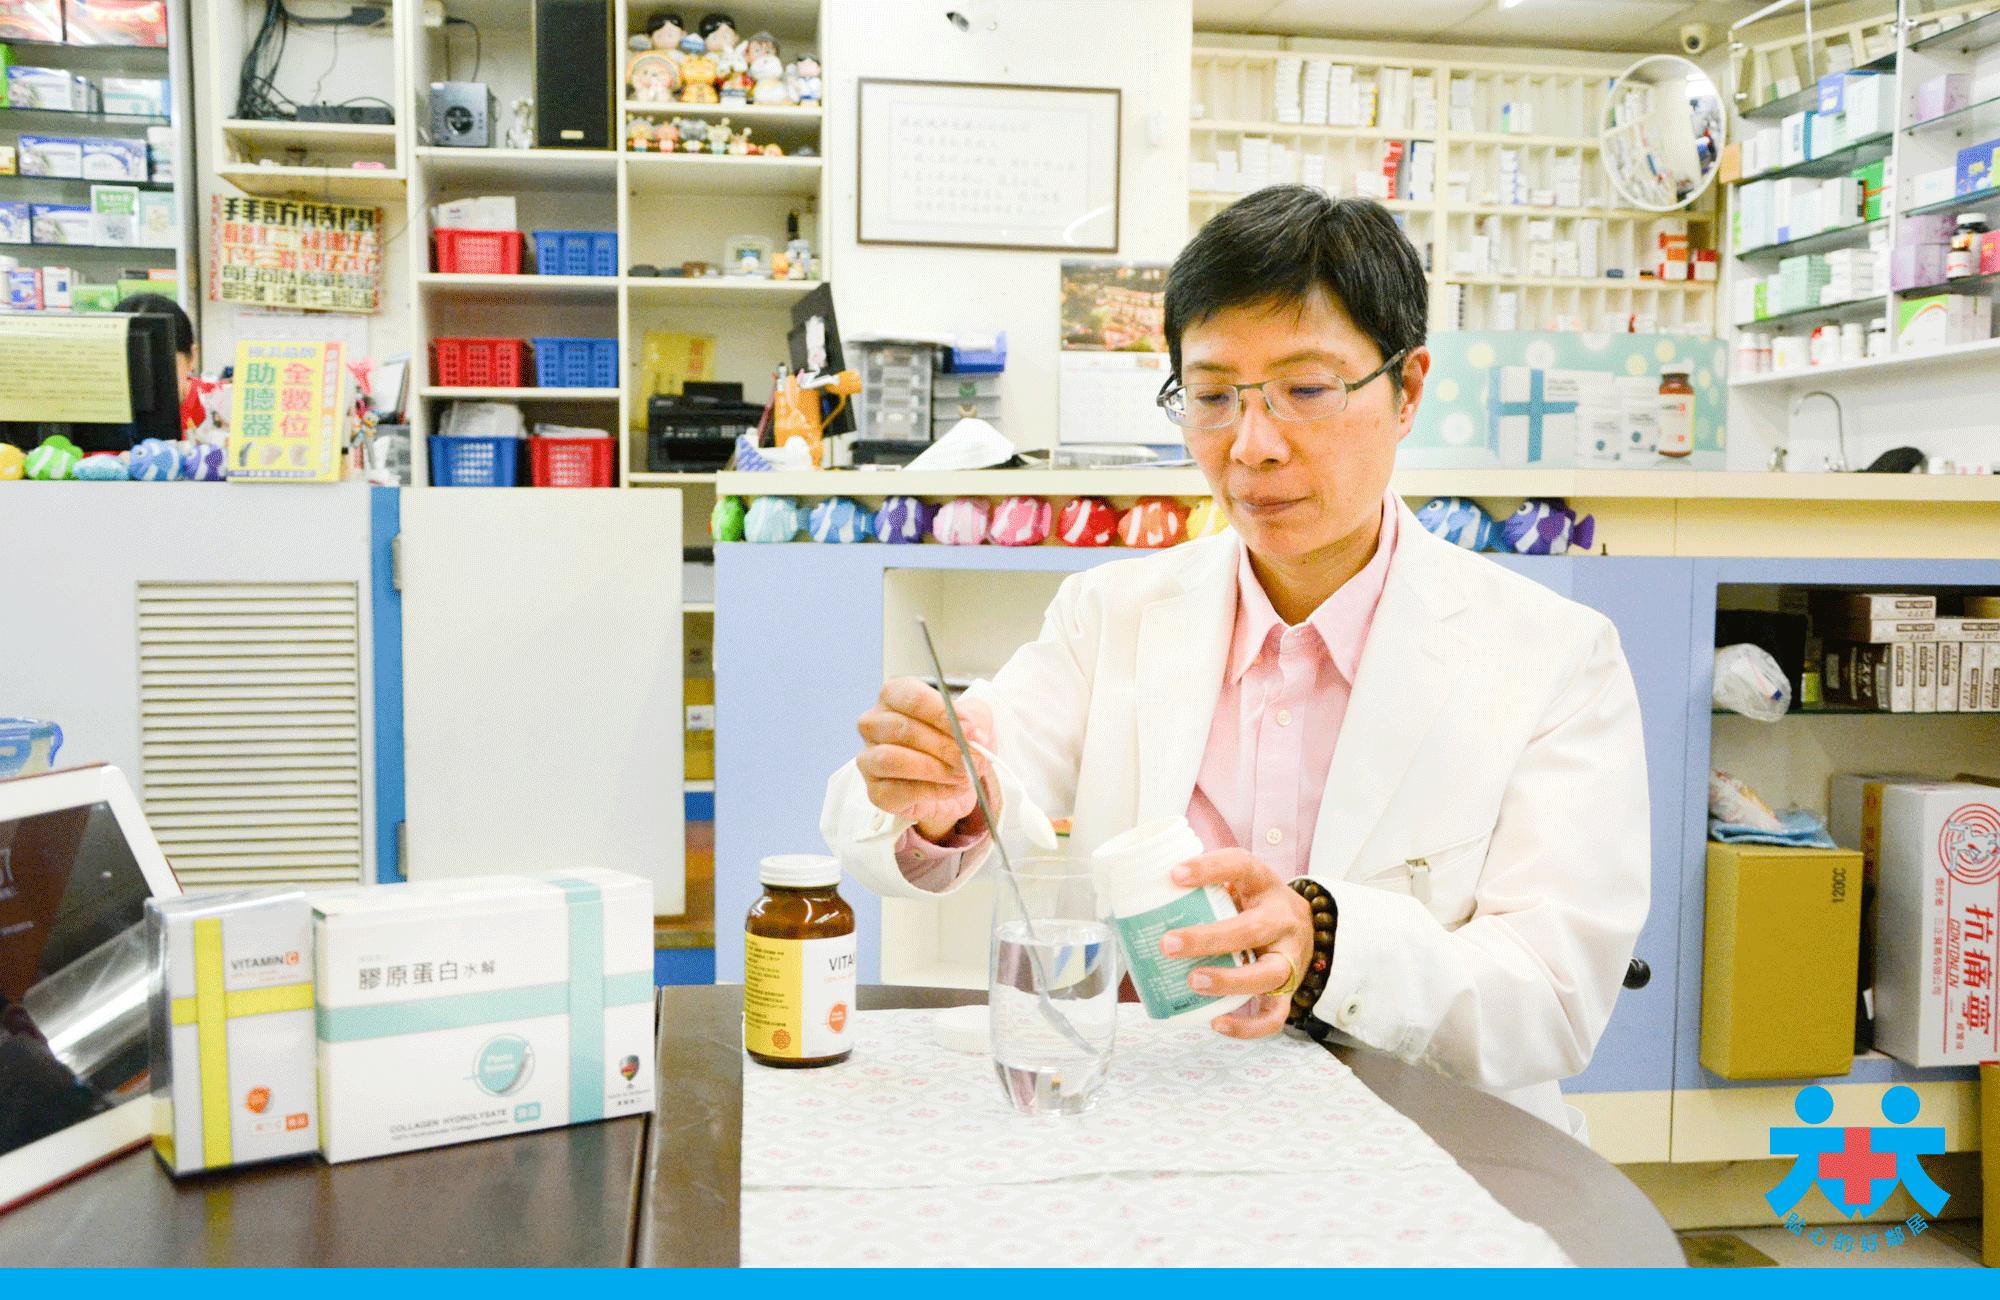 洪秋楓藥師示範如何沖泡膠原蛋白,膠原蛋白,水解膠原蛋白推薦